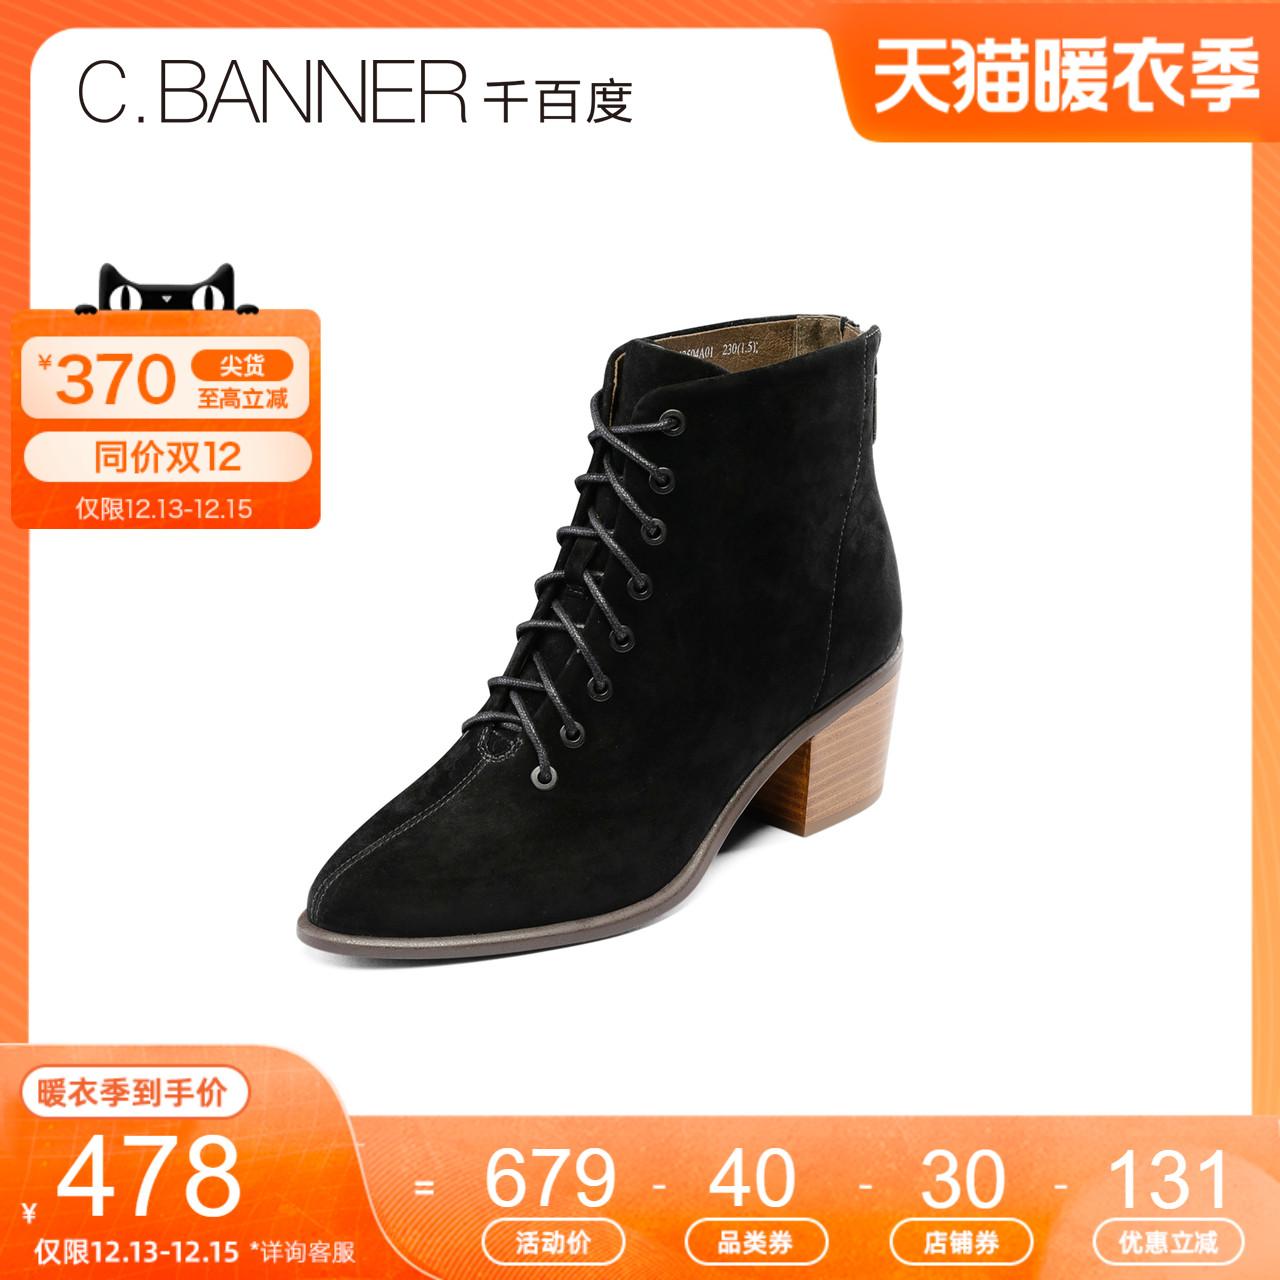 秋冬新款女鞋时尚百搭粗跟骑士靴系带绒面复古中跟短靴 2020 千百度